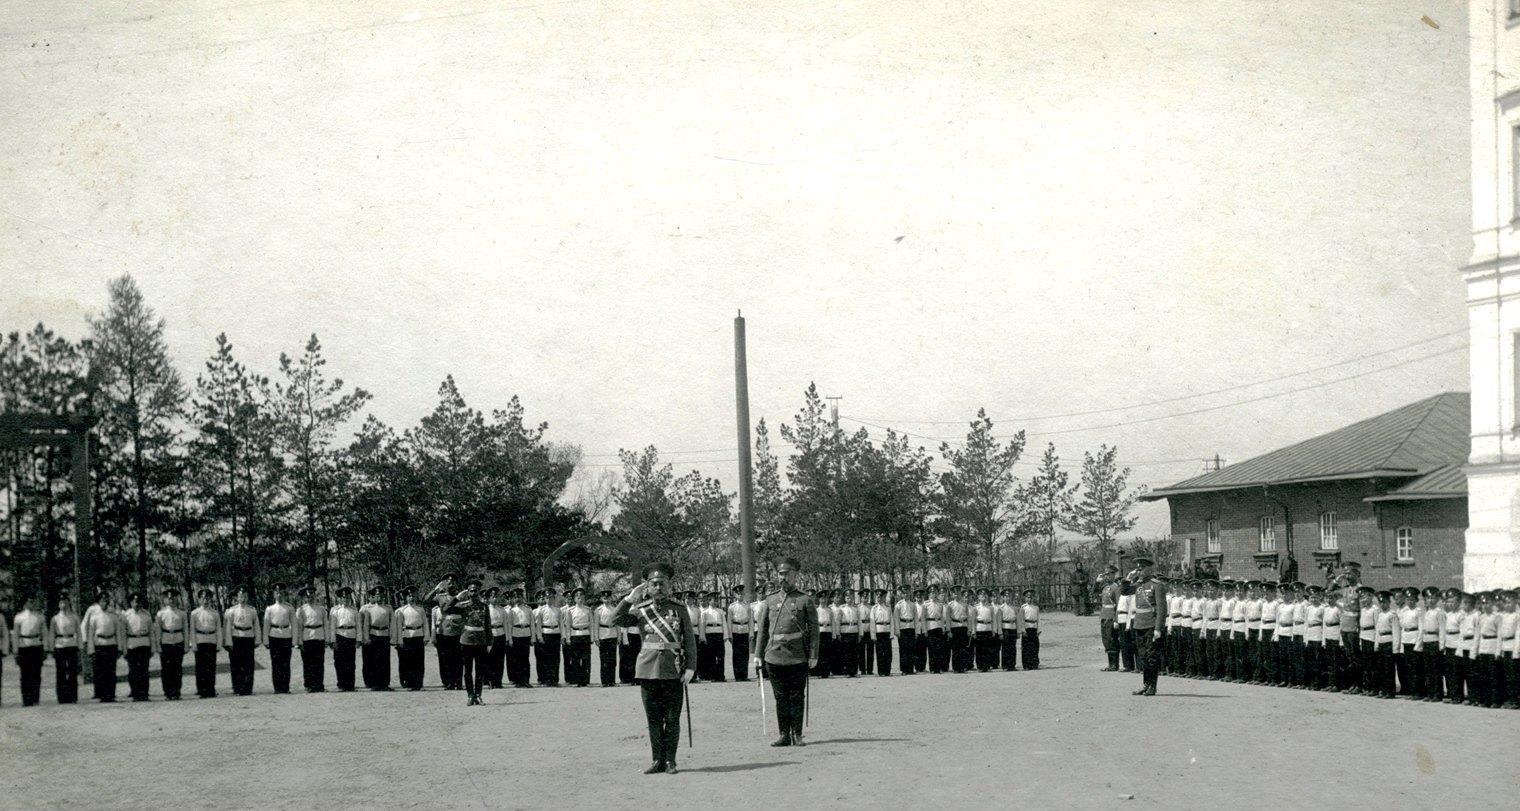 Торжественное построение 1-го Сибирского императора Александра I кадетского корпуса